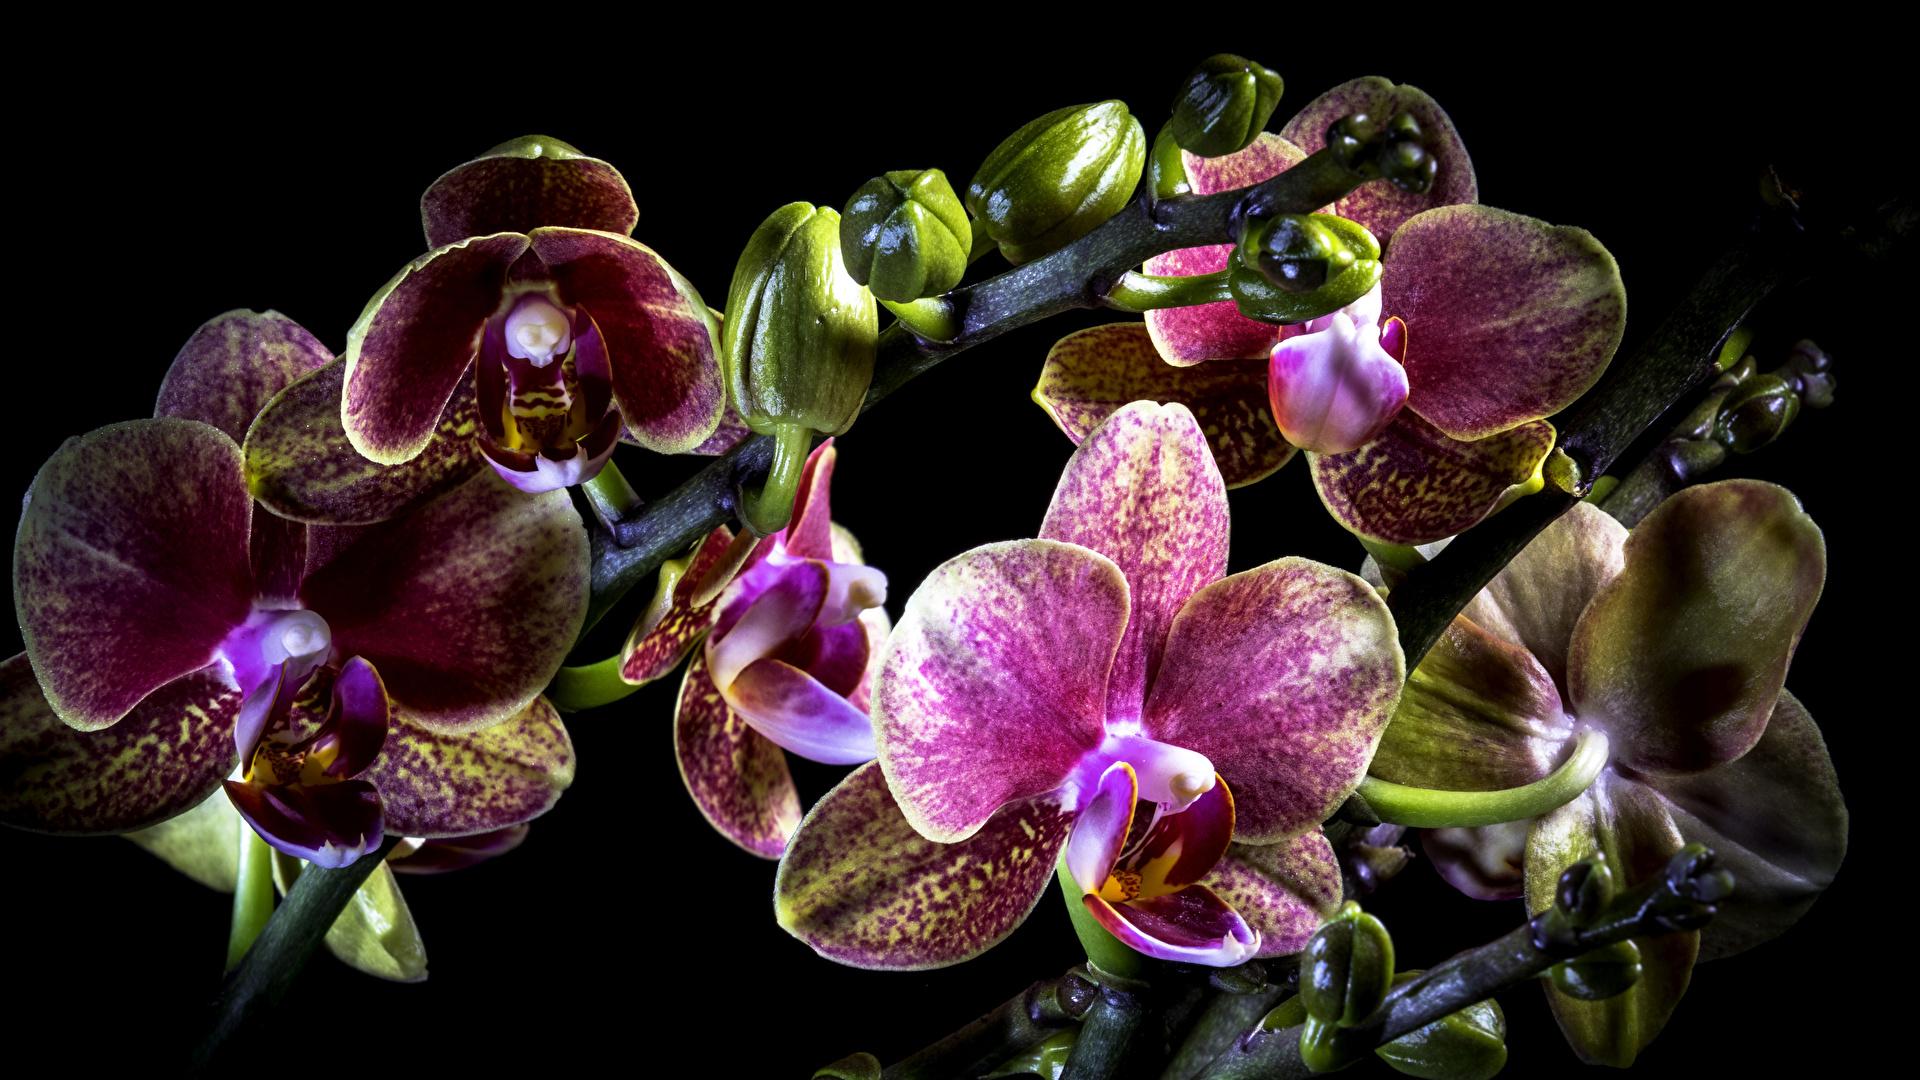 Фото Орхидеи Цветы вблизи Черный фон 1920x1080 цветок на черном фоне Крупным планом